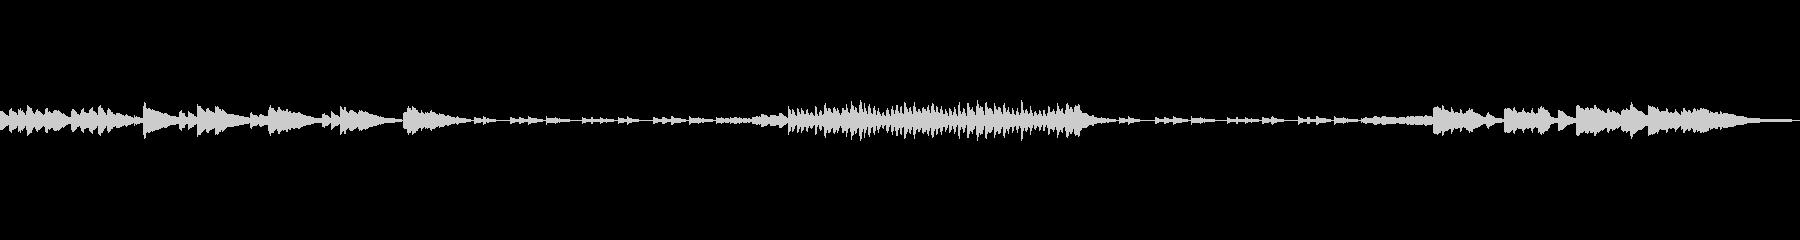 オーケストラ楽器。卑劣なつま先の奇...の未再生の波形